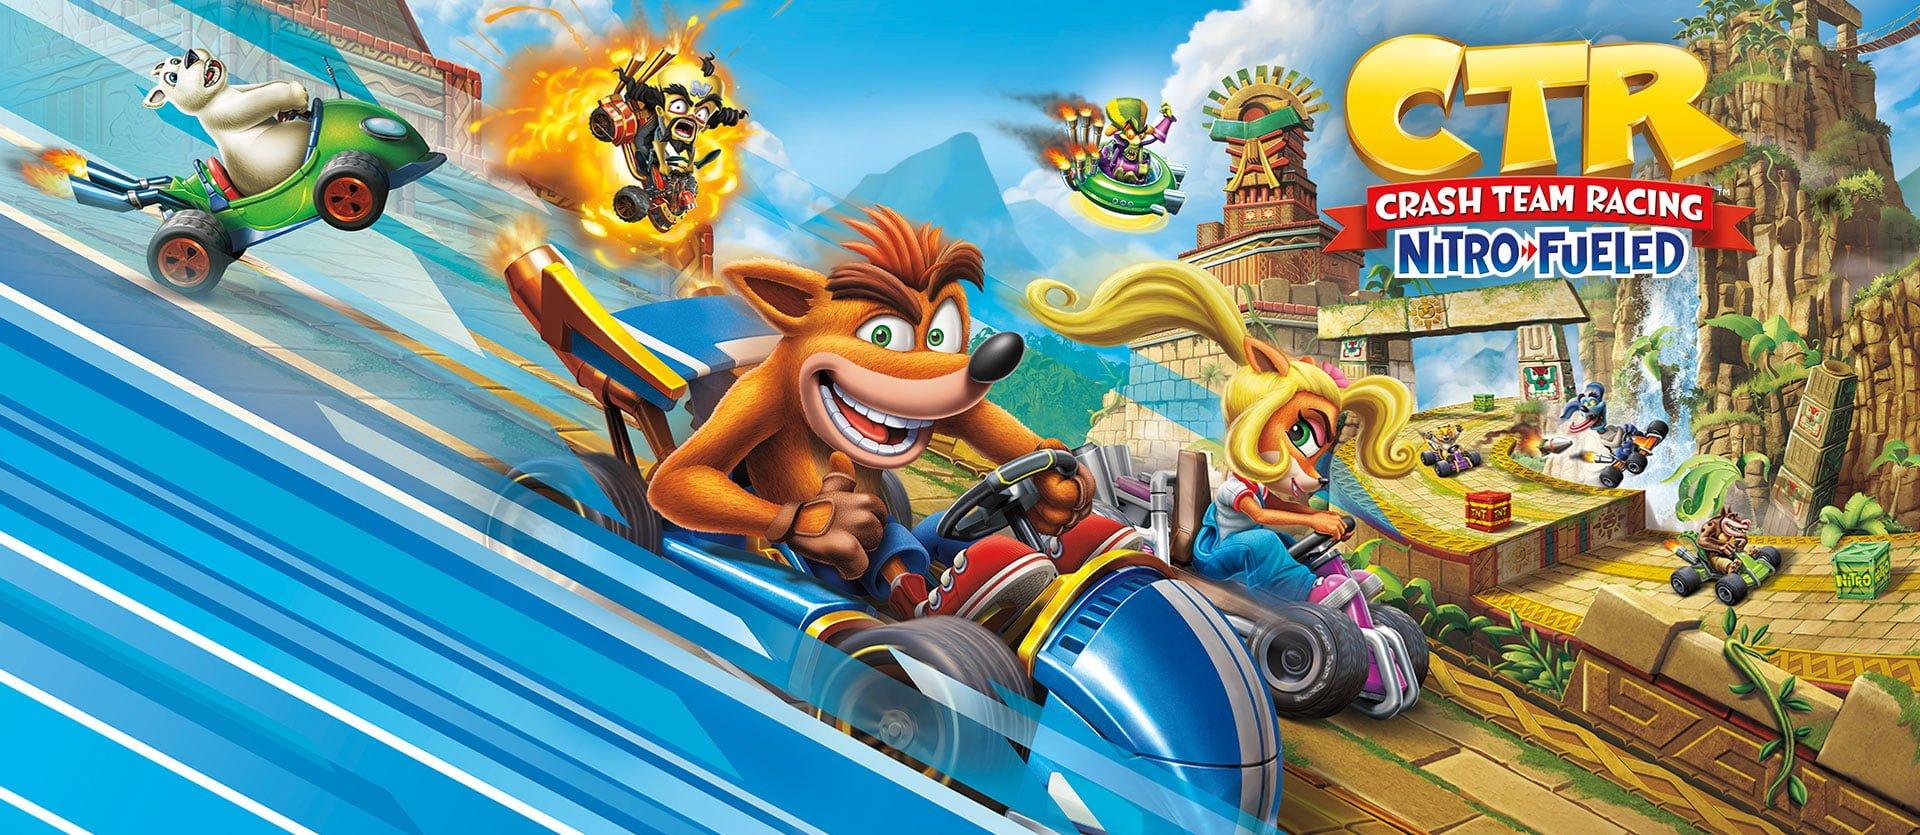 Crash Team Racing Nitro-Fueled - pierwsze wrażenia 16